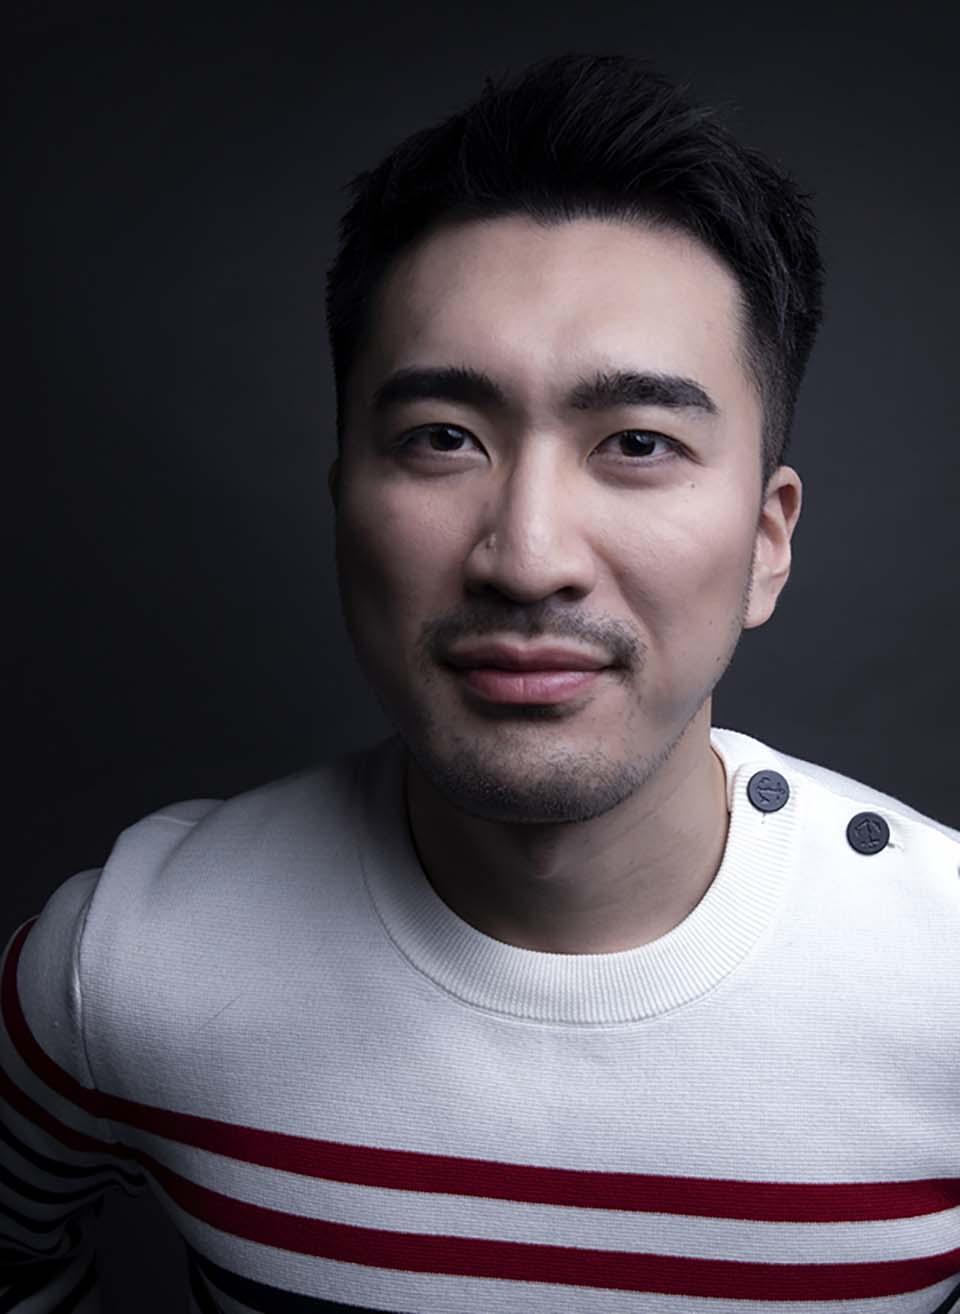 Image: Takuya